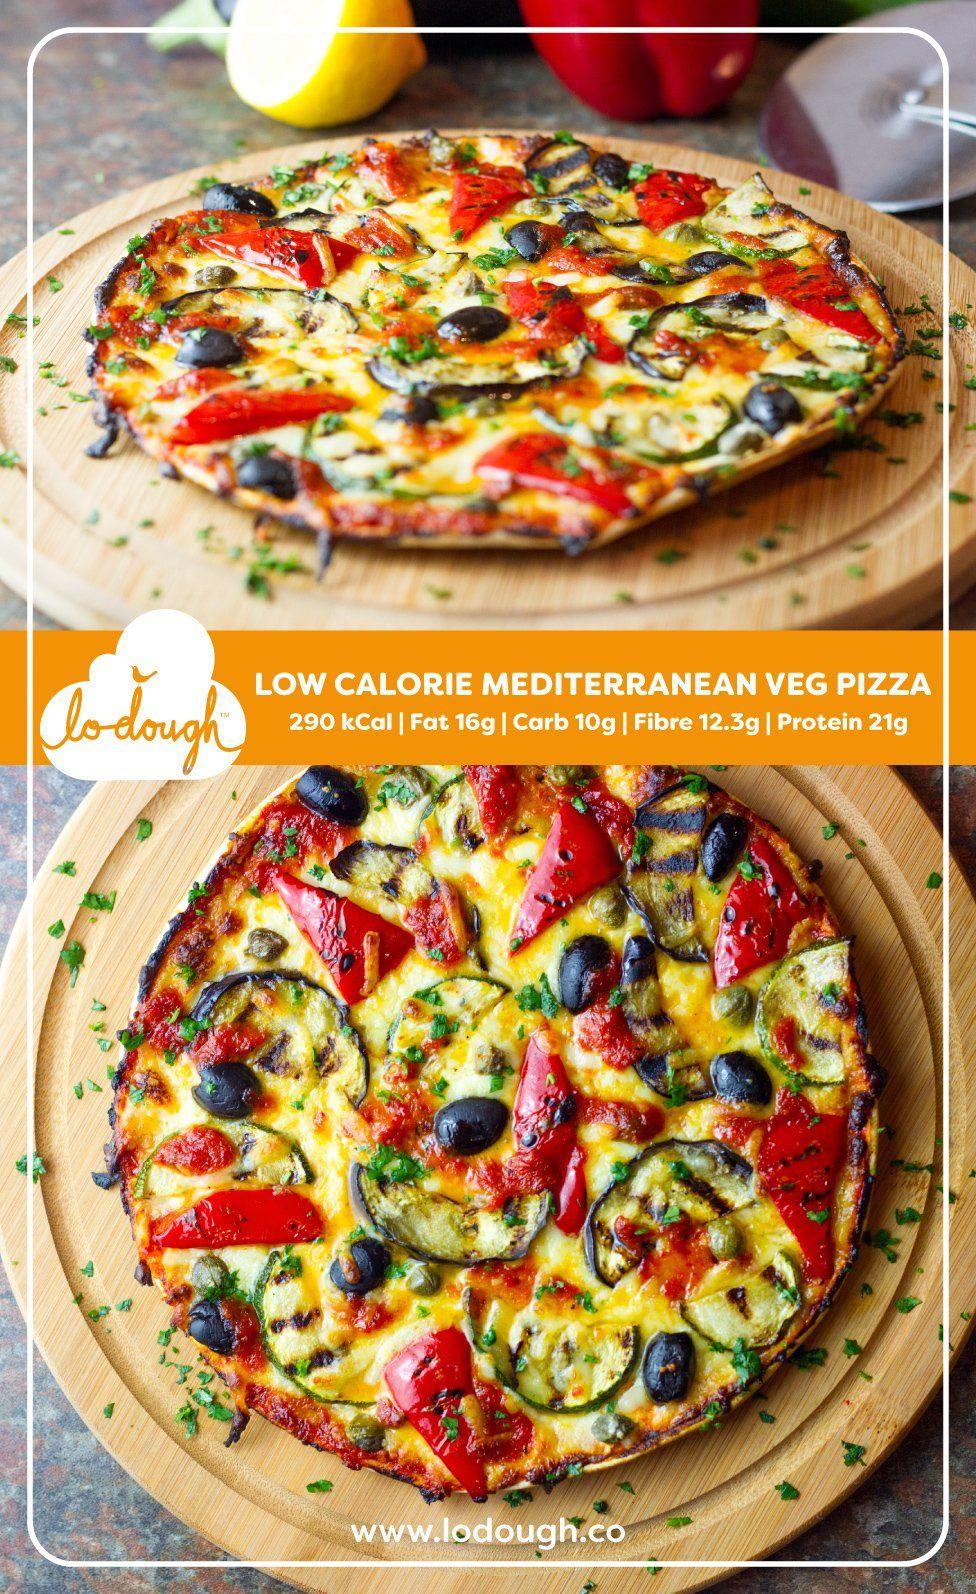 Low Calorie Mediterranean Veg Pizza Lo Dough Lowcarb